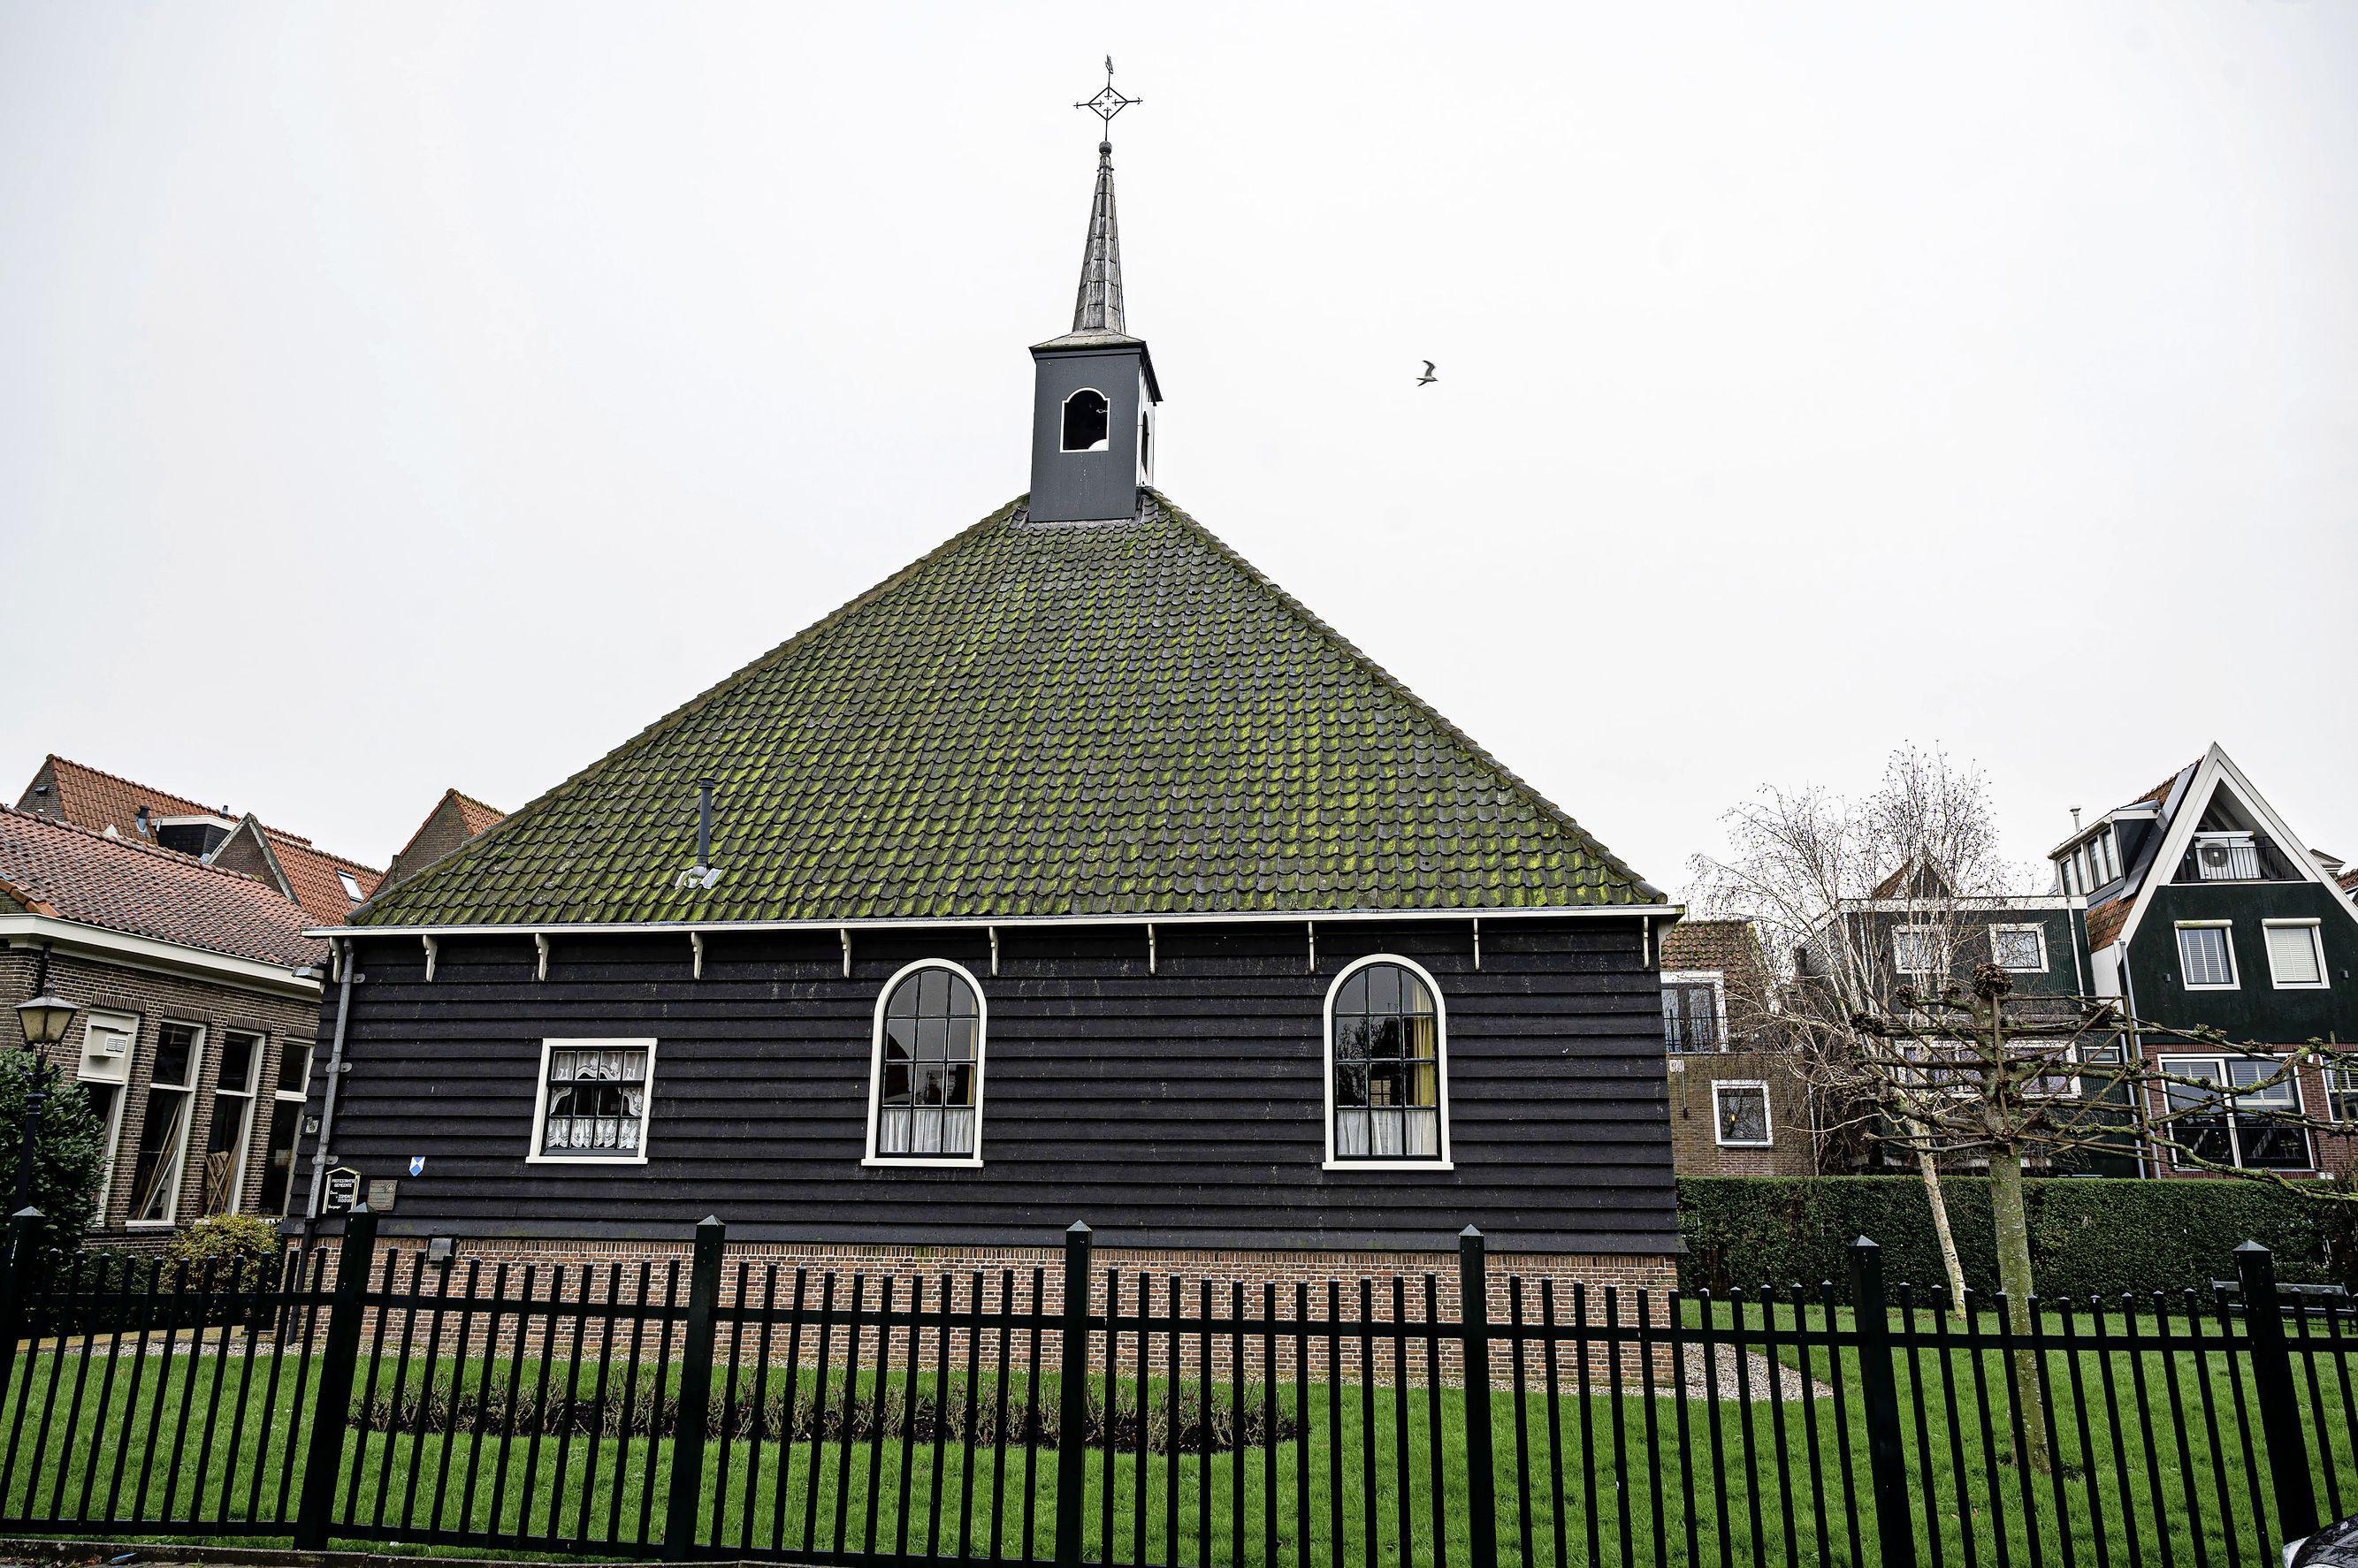 'Stolphoevekerkje in Volendam wordt echt niet zomaar een woning of een bedrijf'; zorgen zijn volgens wethouder Runderkamp ongegrond